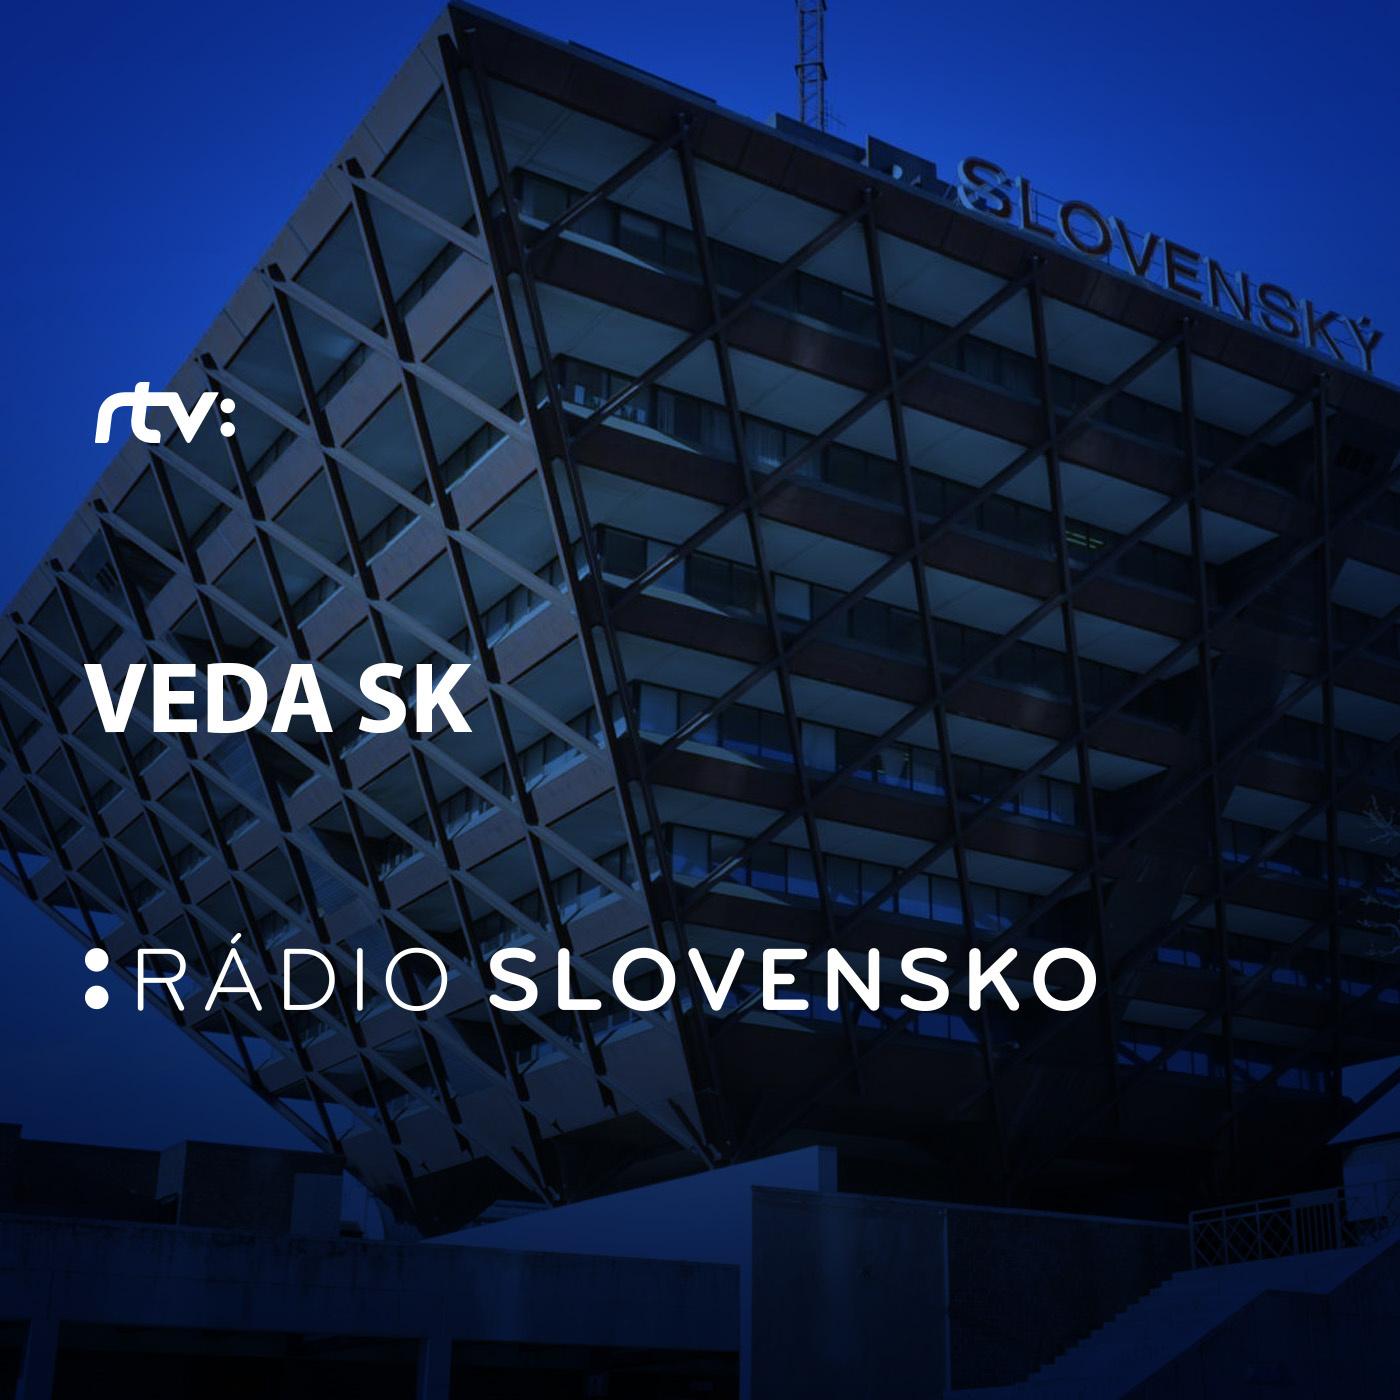 Veda SK